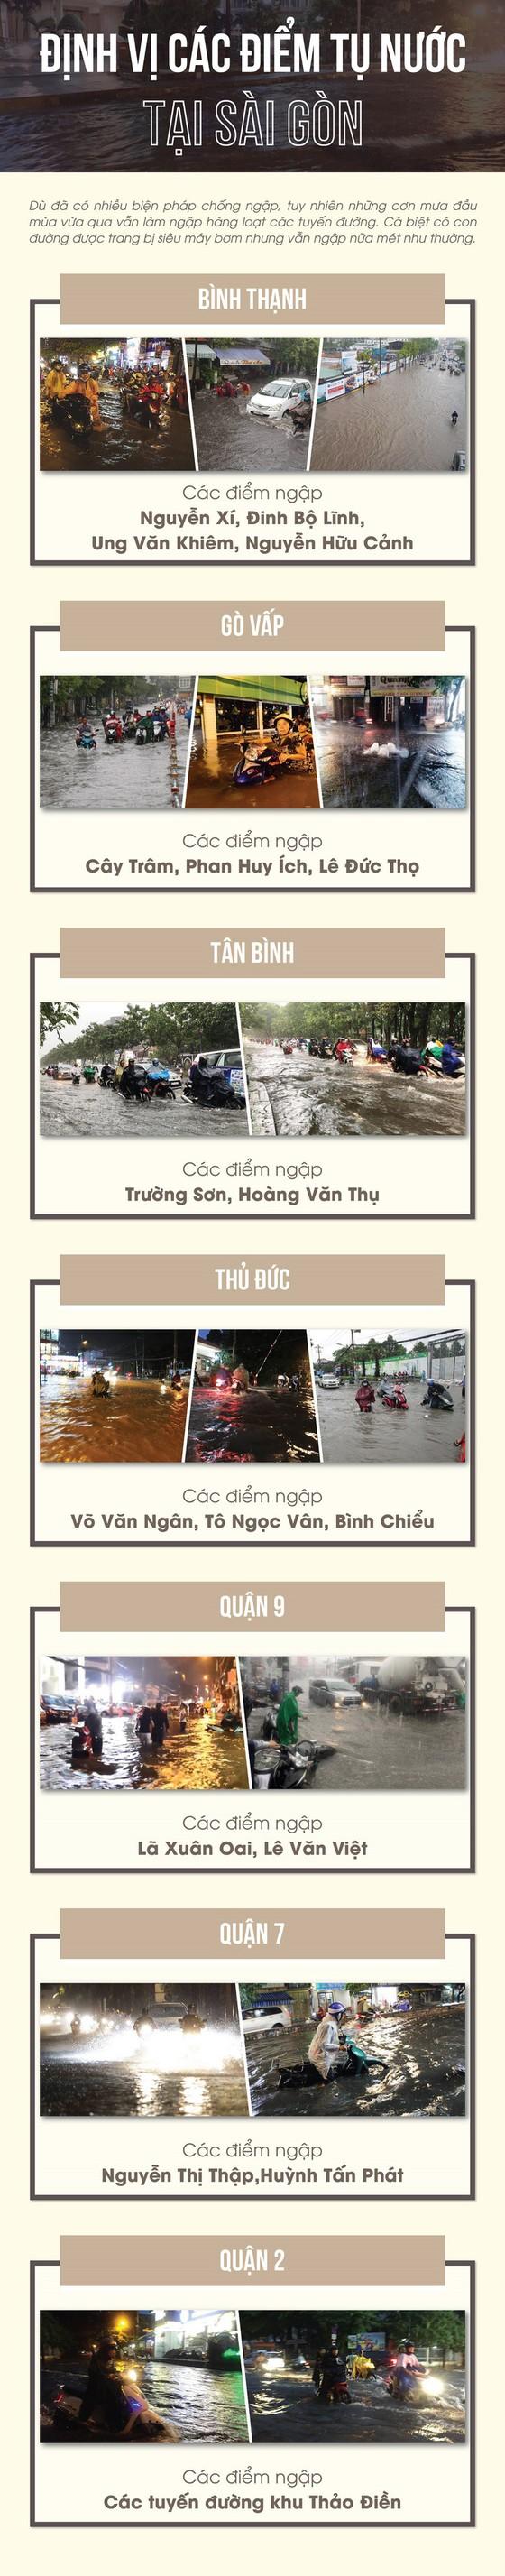 Định vị các cung đường hay ngập ở Sài Gòn - Ảnh 1.